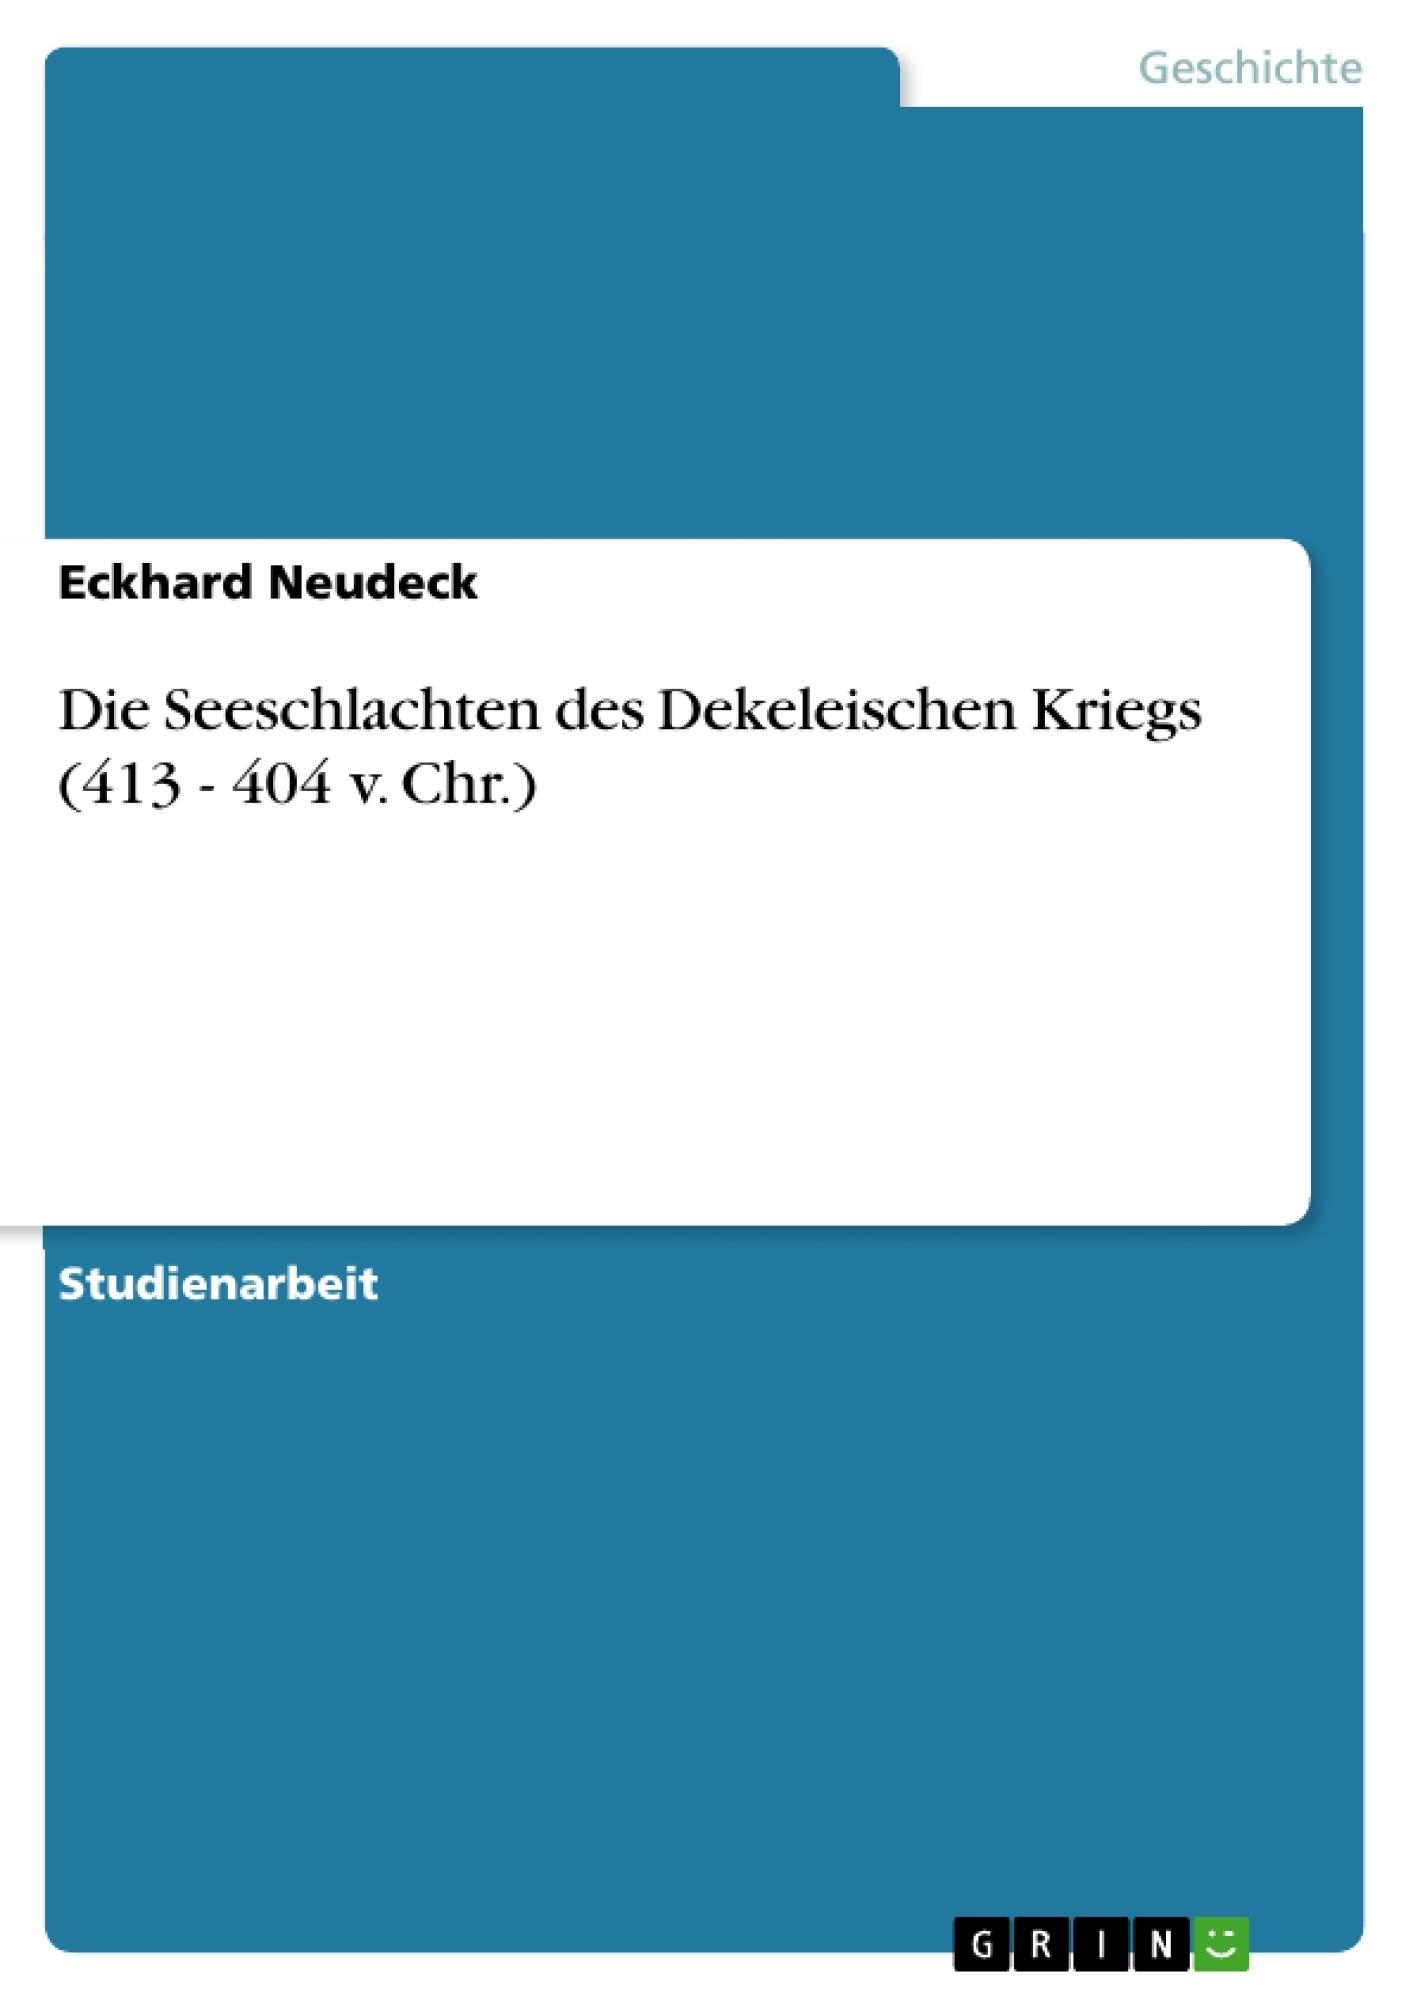 Titel: Die Seeschlachten des Dekeleischen Kriegs (413 - 404 v. Chr.)